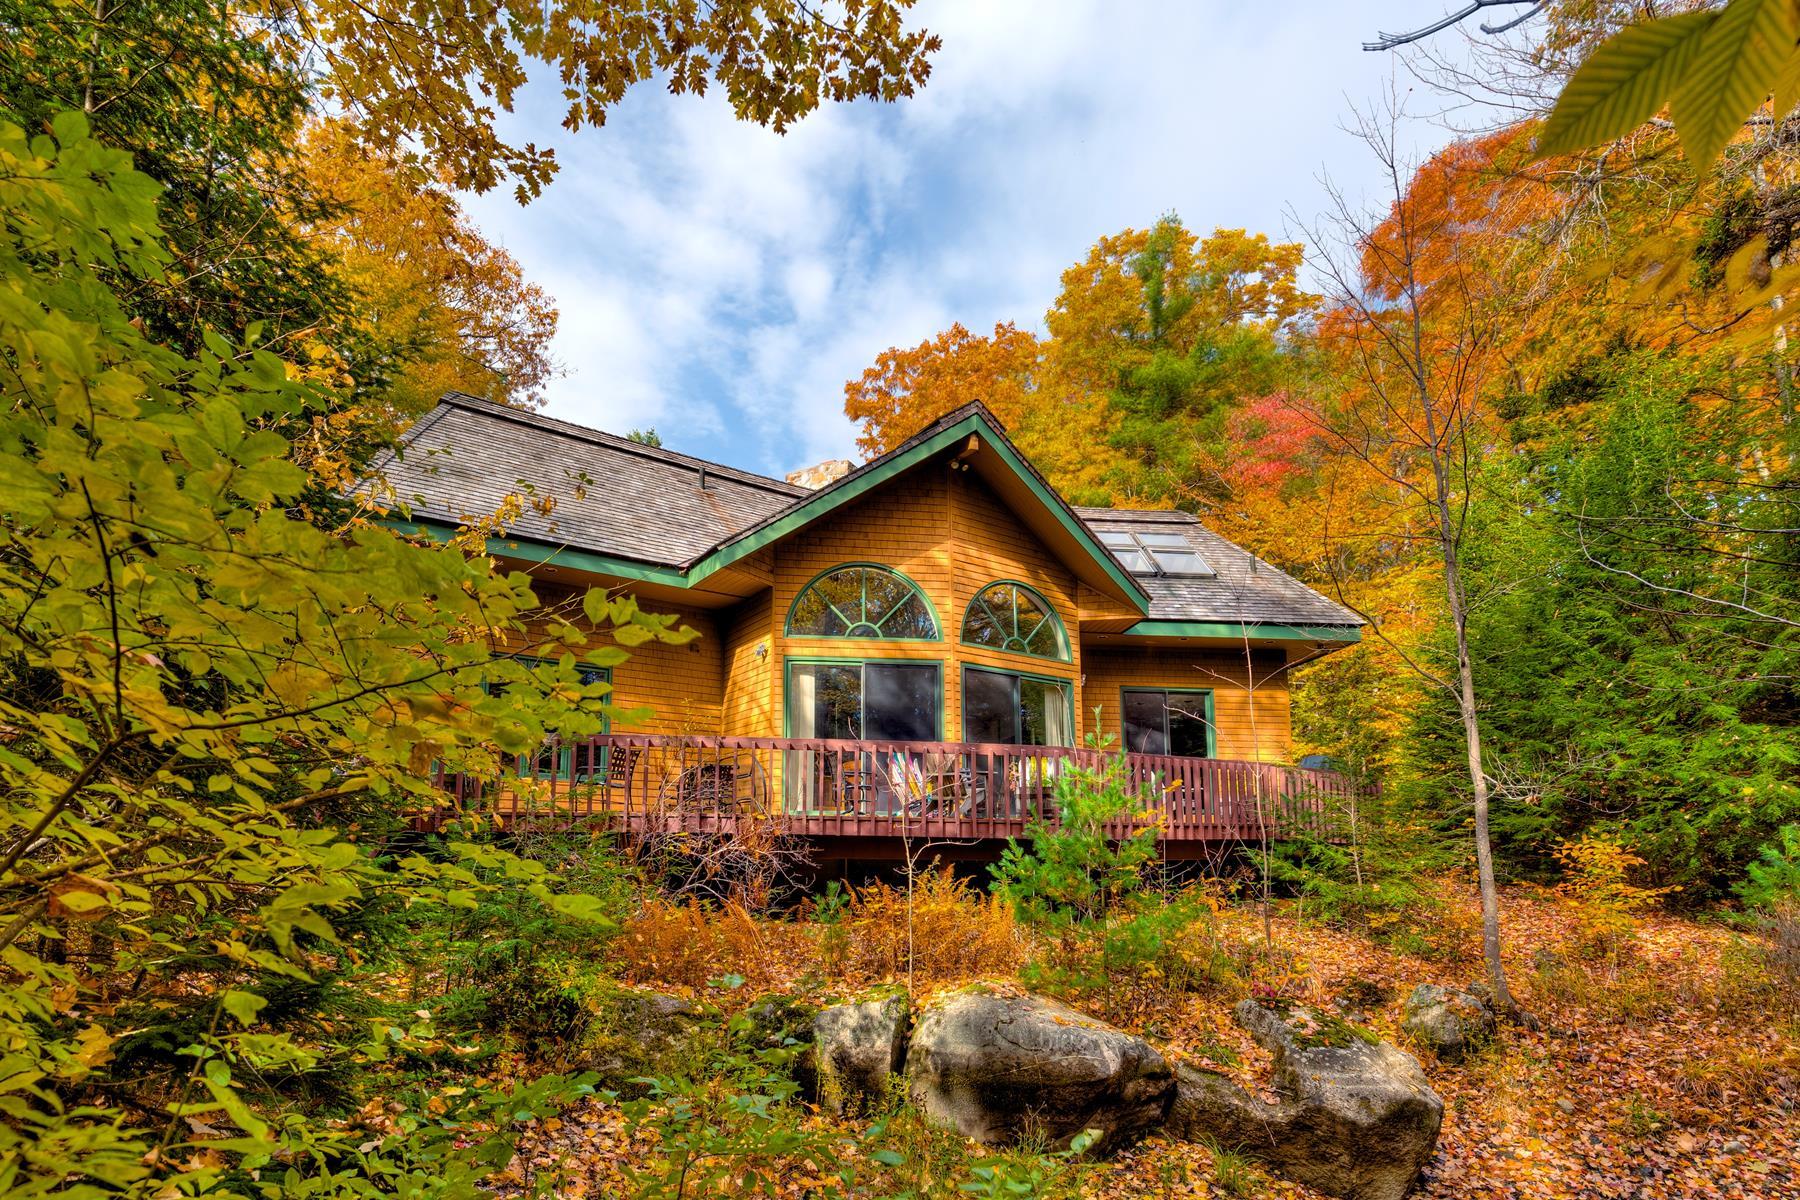 Частный односемейный дом для того Продажа на 37 Fox Run Road, Sunapee 37 Fox Run Rd Sunapee, Нью-Гэмпшир, 03782 Соединенные Штаты